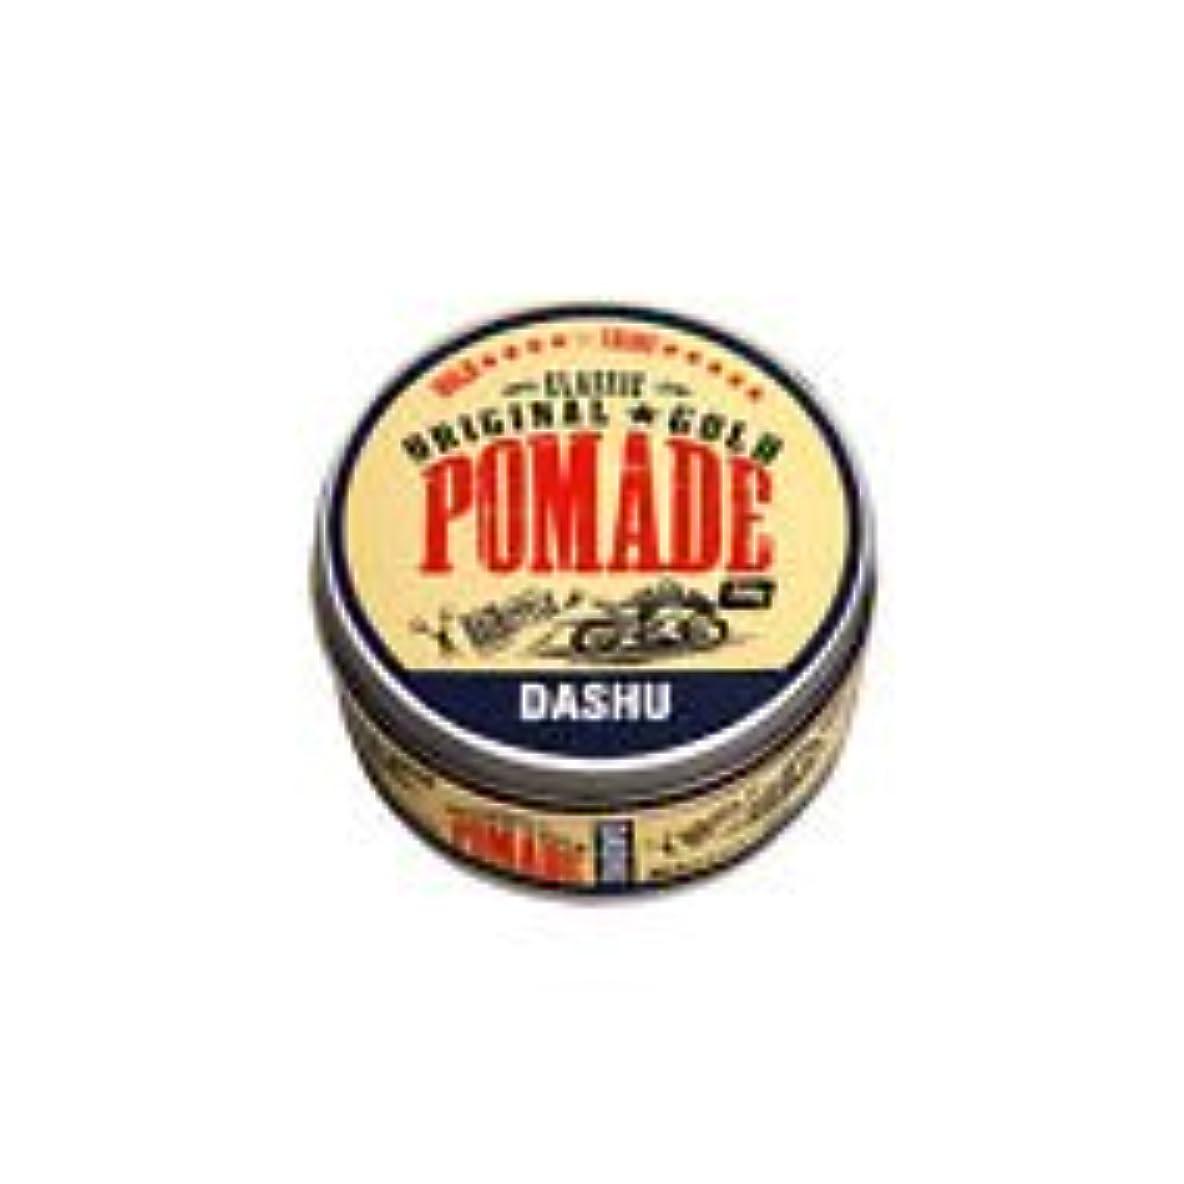 考えるグラディスから[DASHU] ダシュ クラシックオリジナルゴールドポマードヘアワックス Classic Original Gold Pomade Hair Wax 100ml / 韓国製 . 韓国直送品